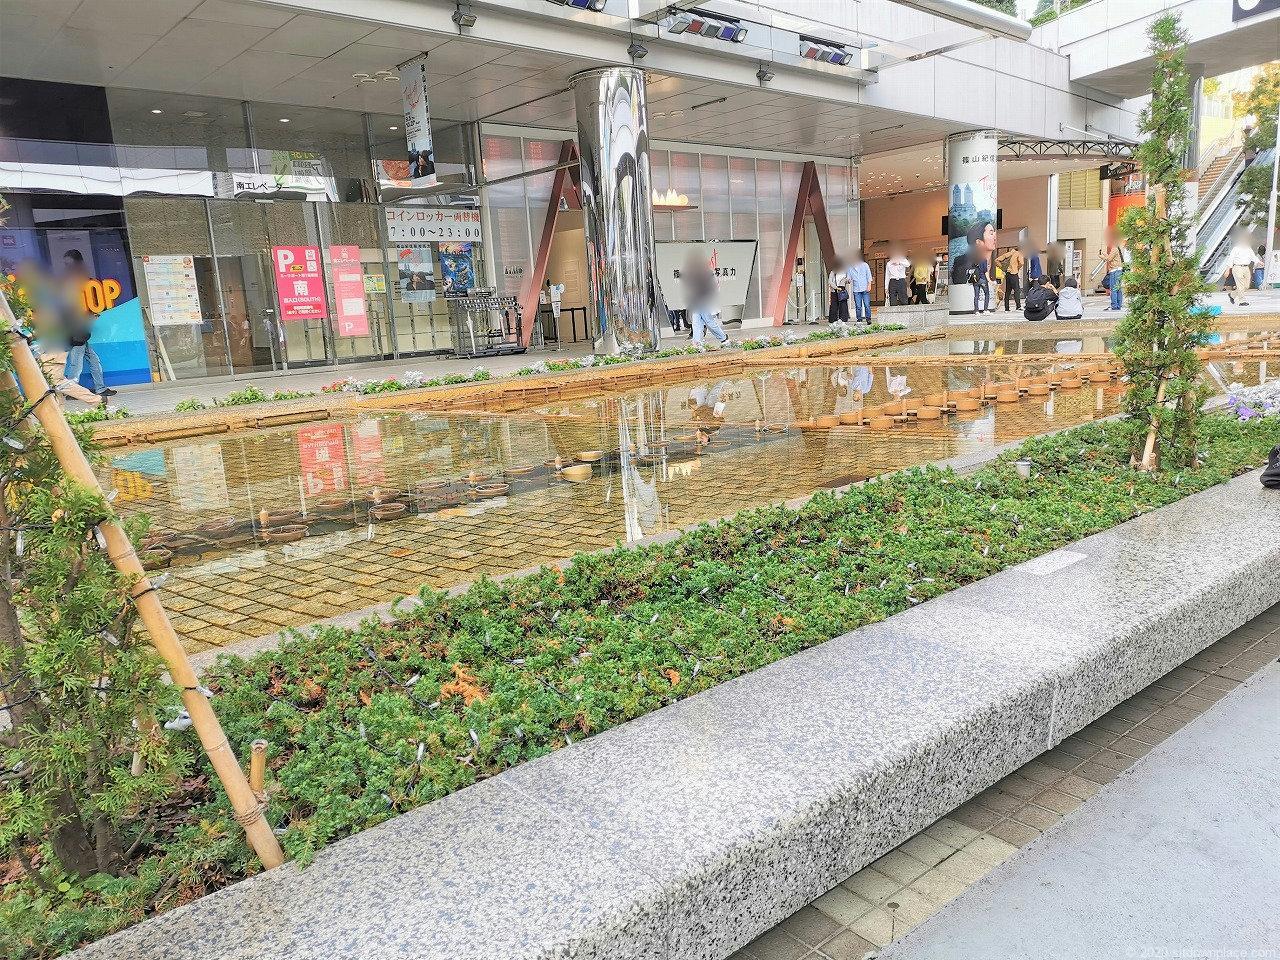 水道橋駅 東京ドームシティ クリスタルアベニューの休憩場所の石材ベンチ